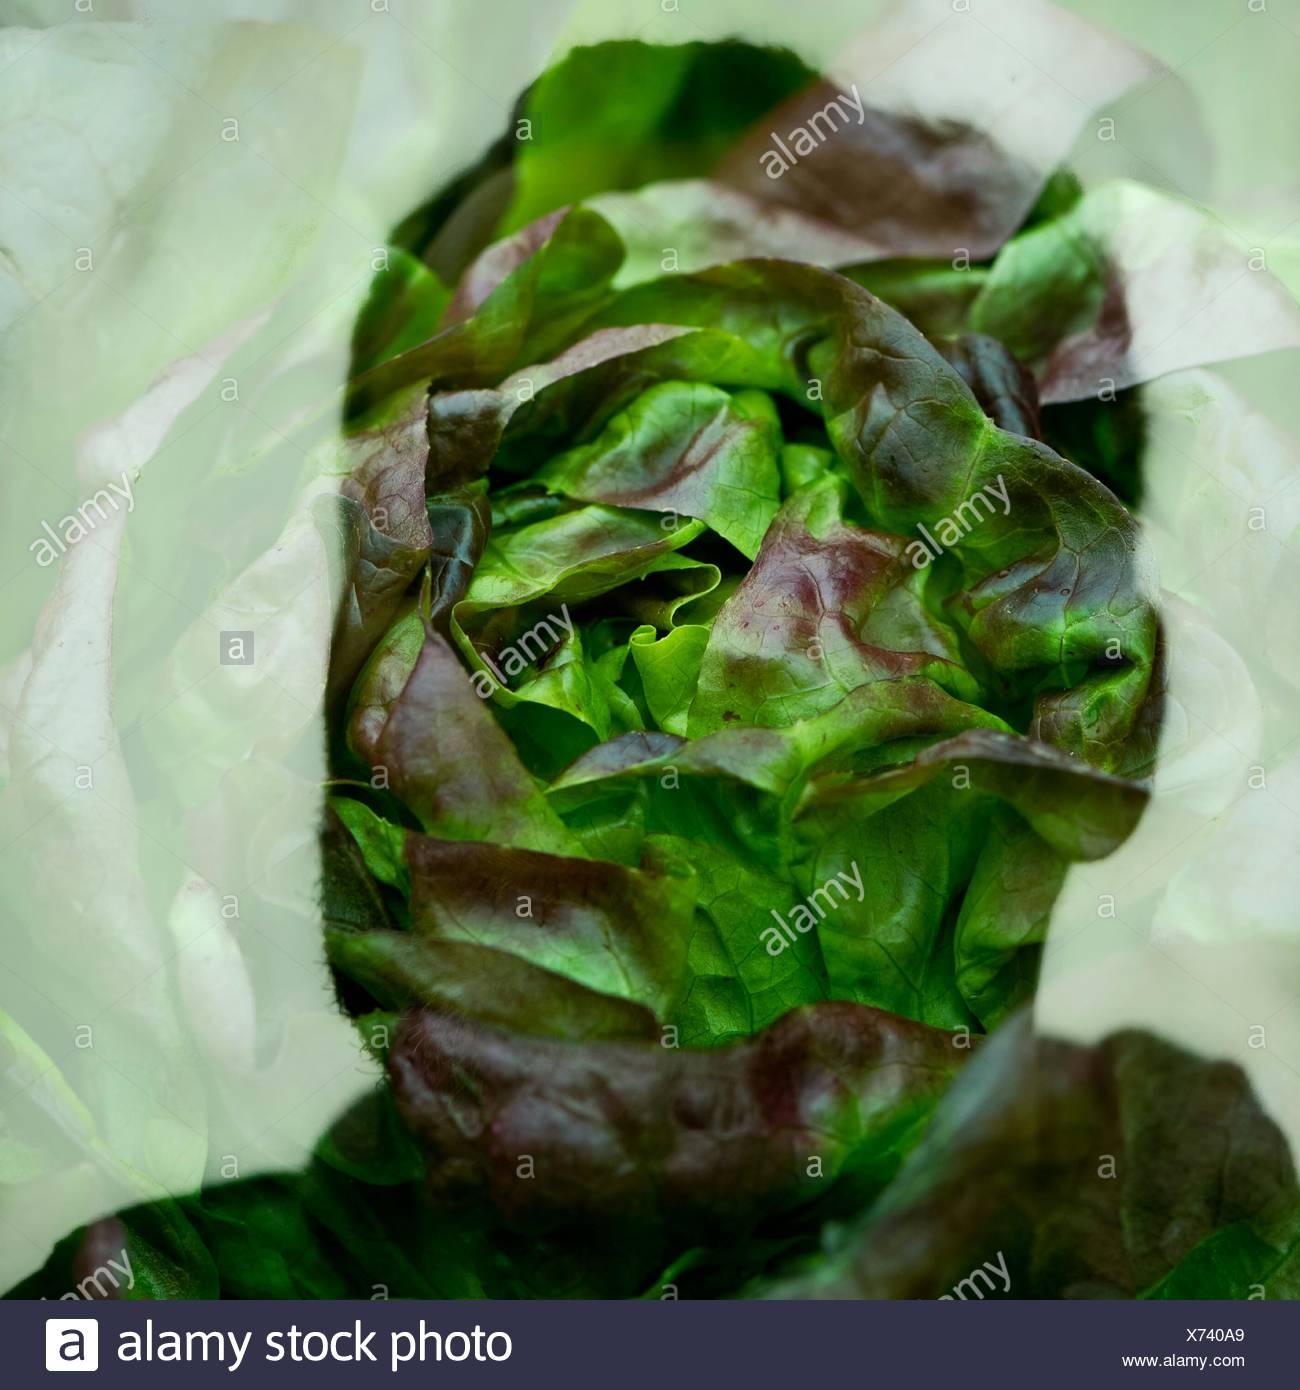 Immagine a doppia esposizione di Silhouette Uomo e pianta Immagini Stock